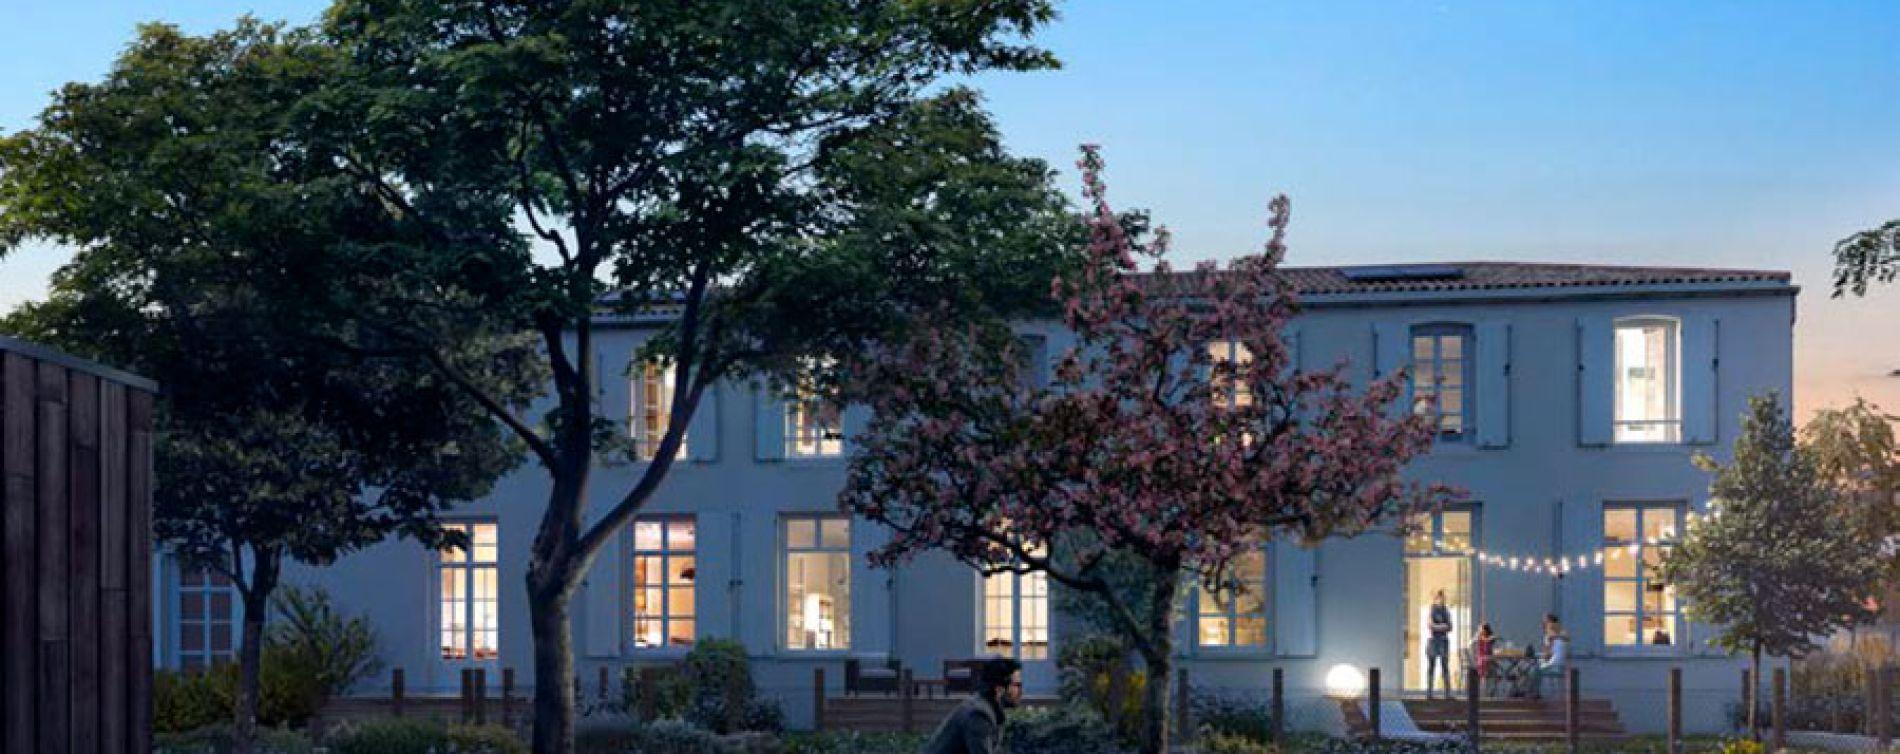 Résidence Le Domaine du Coudray à Périgny